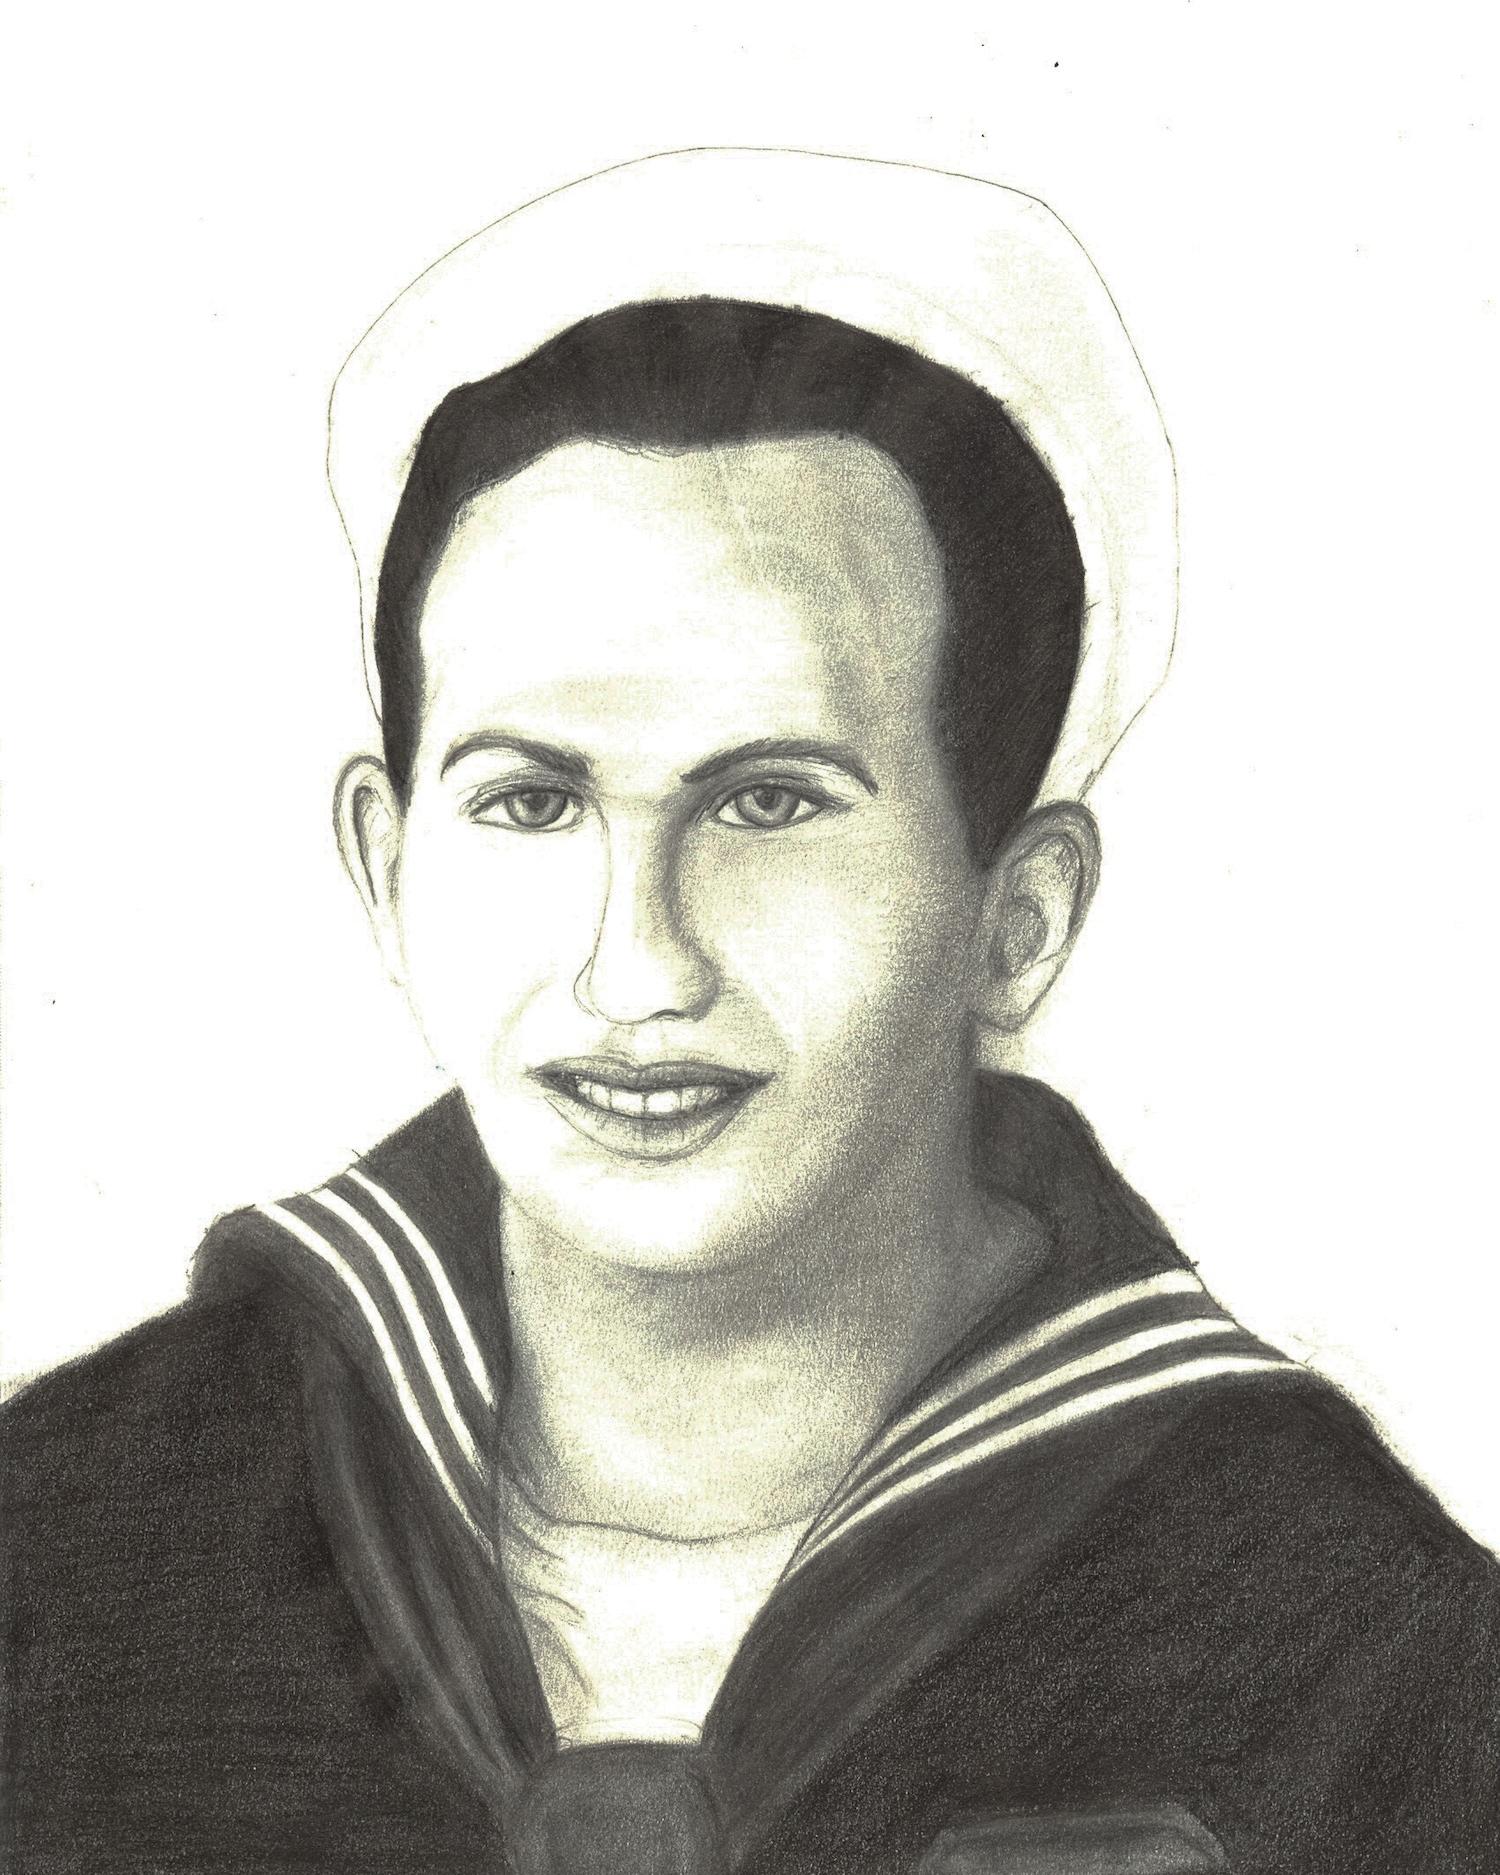 Simon Rosen